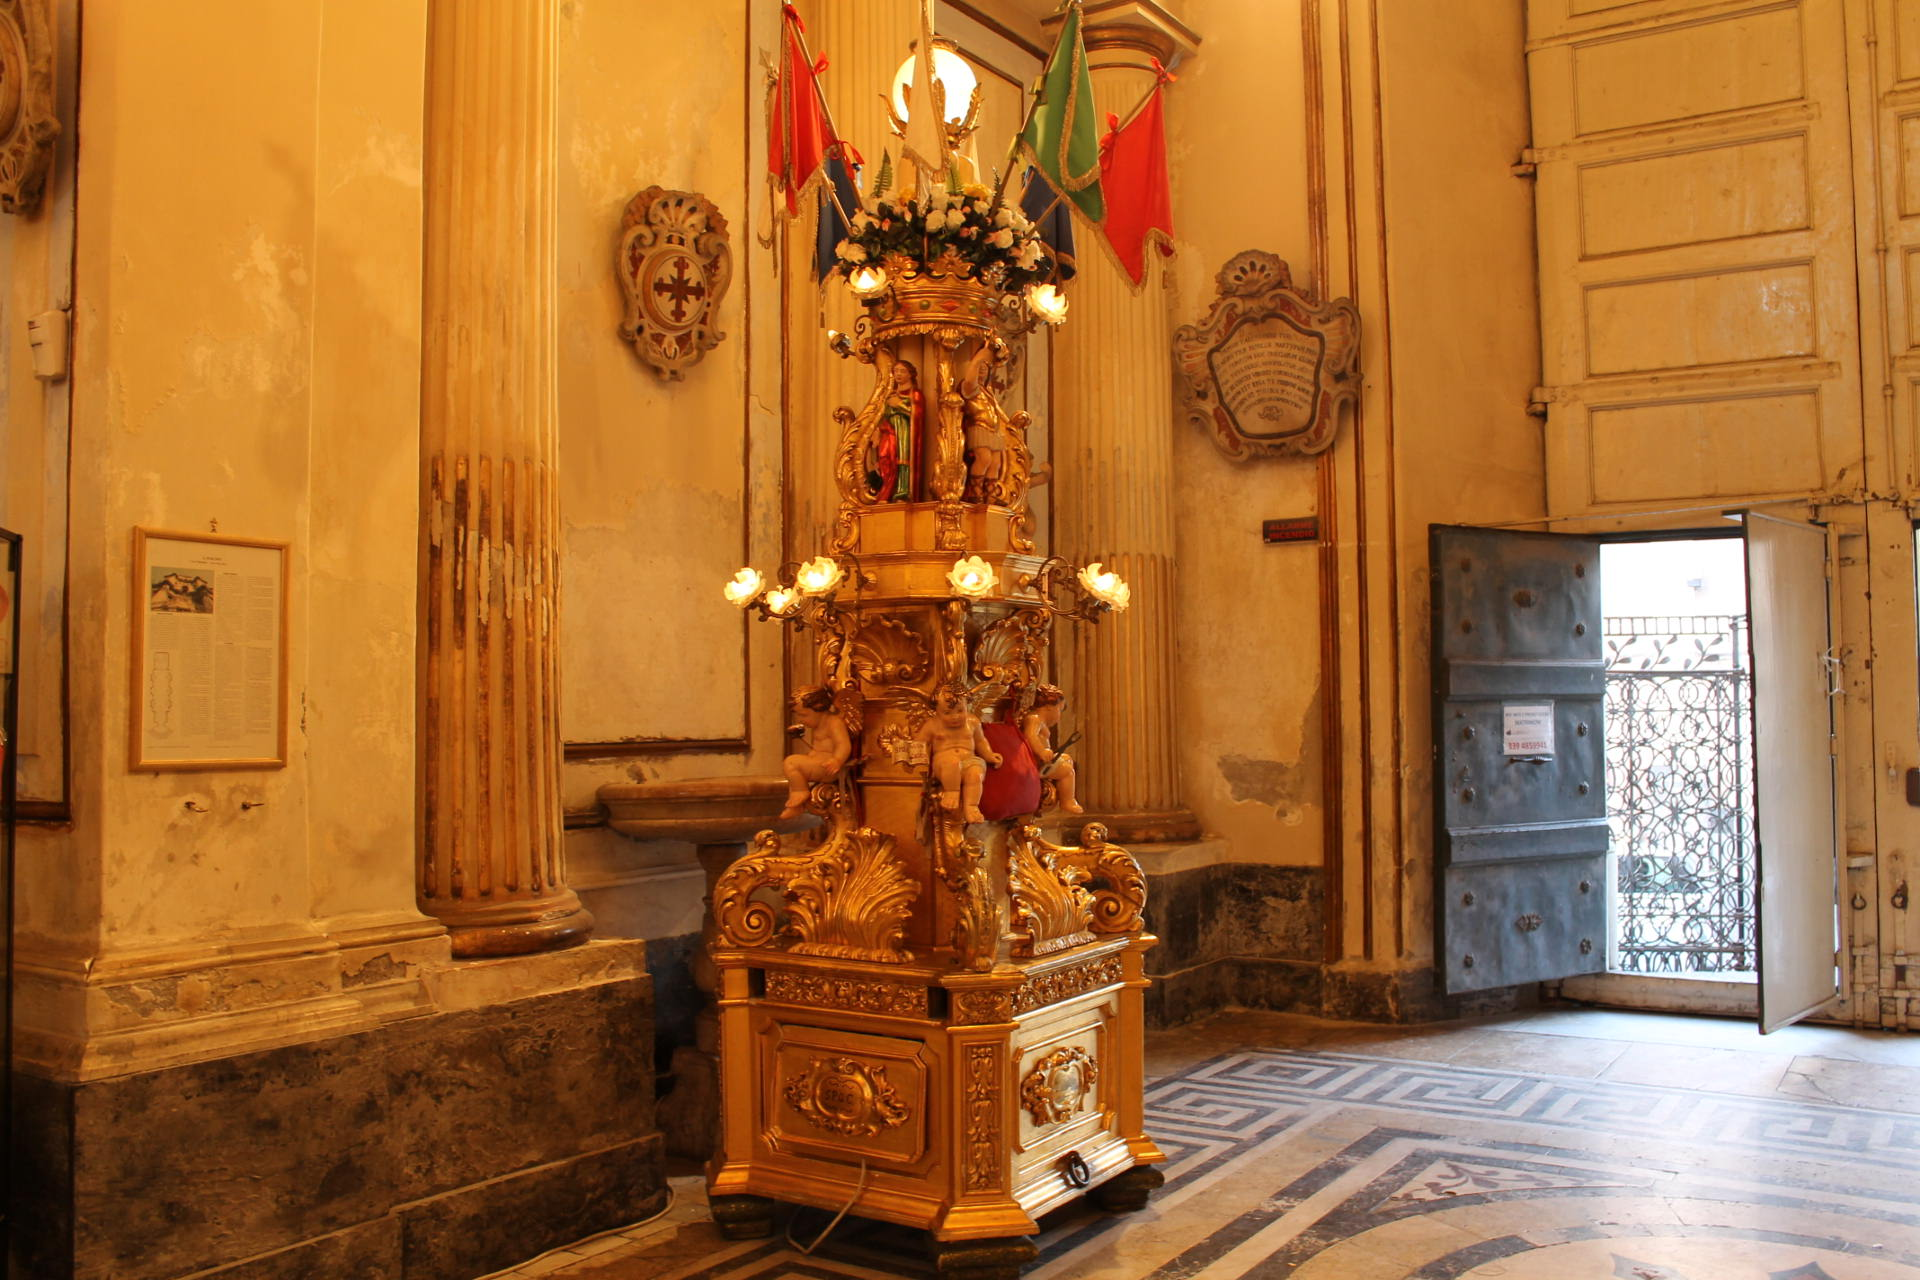 Verso Sant'Agata: storia e amore della candelora di monsignor Ventimiglia